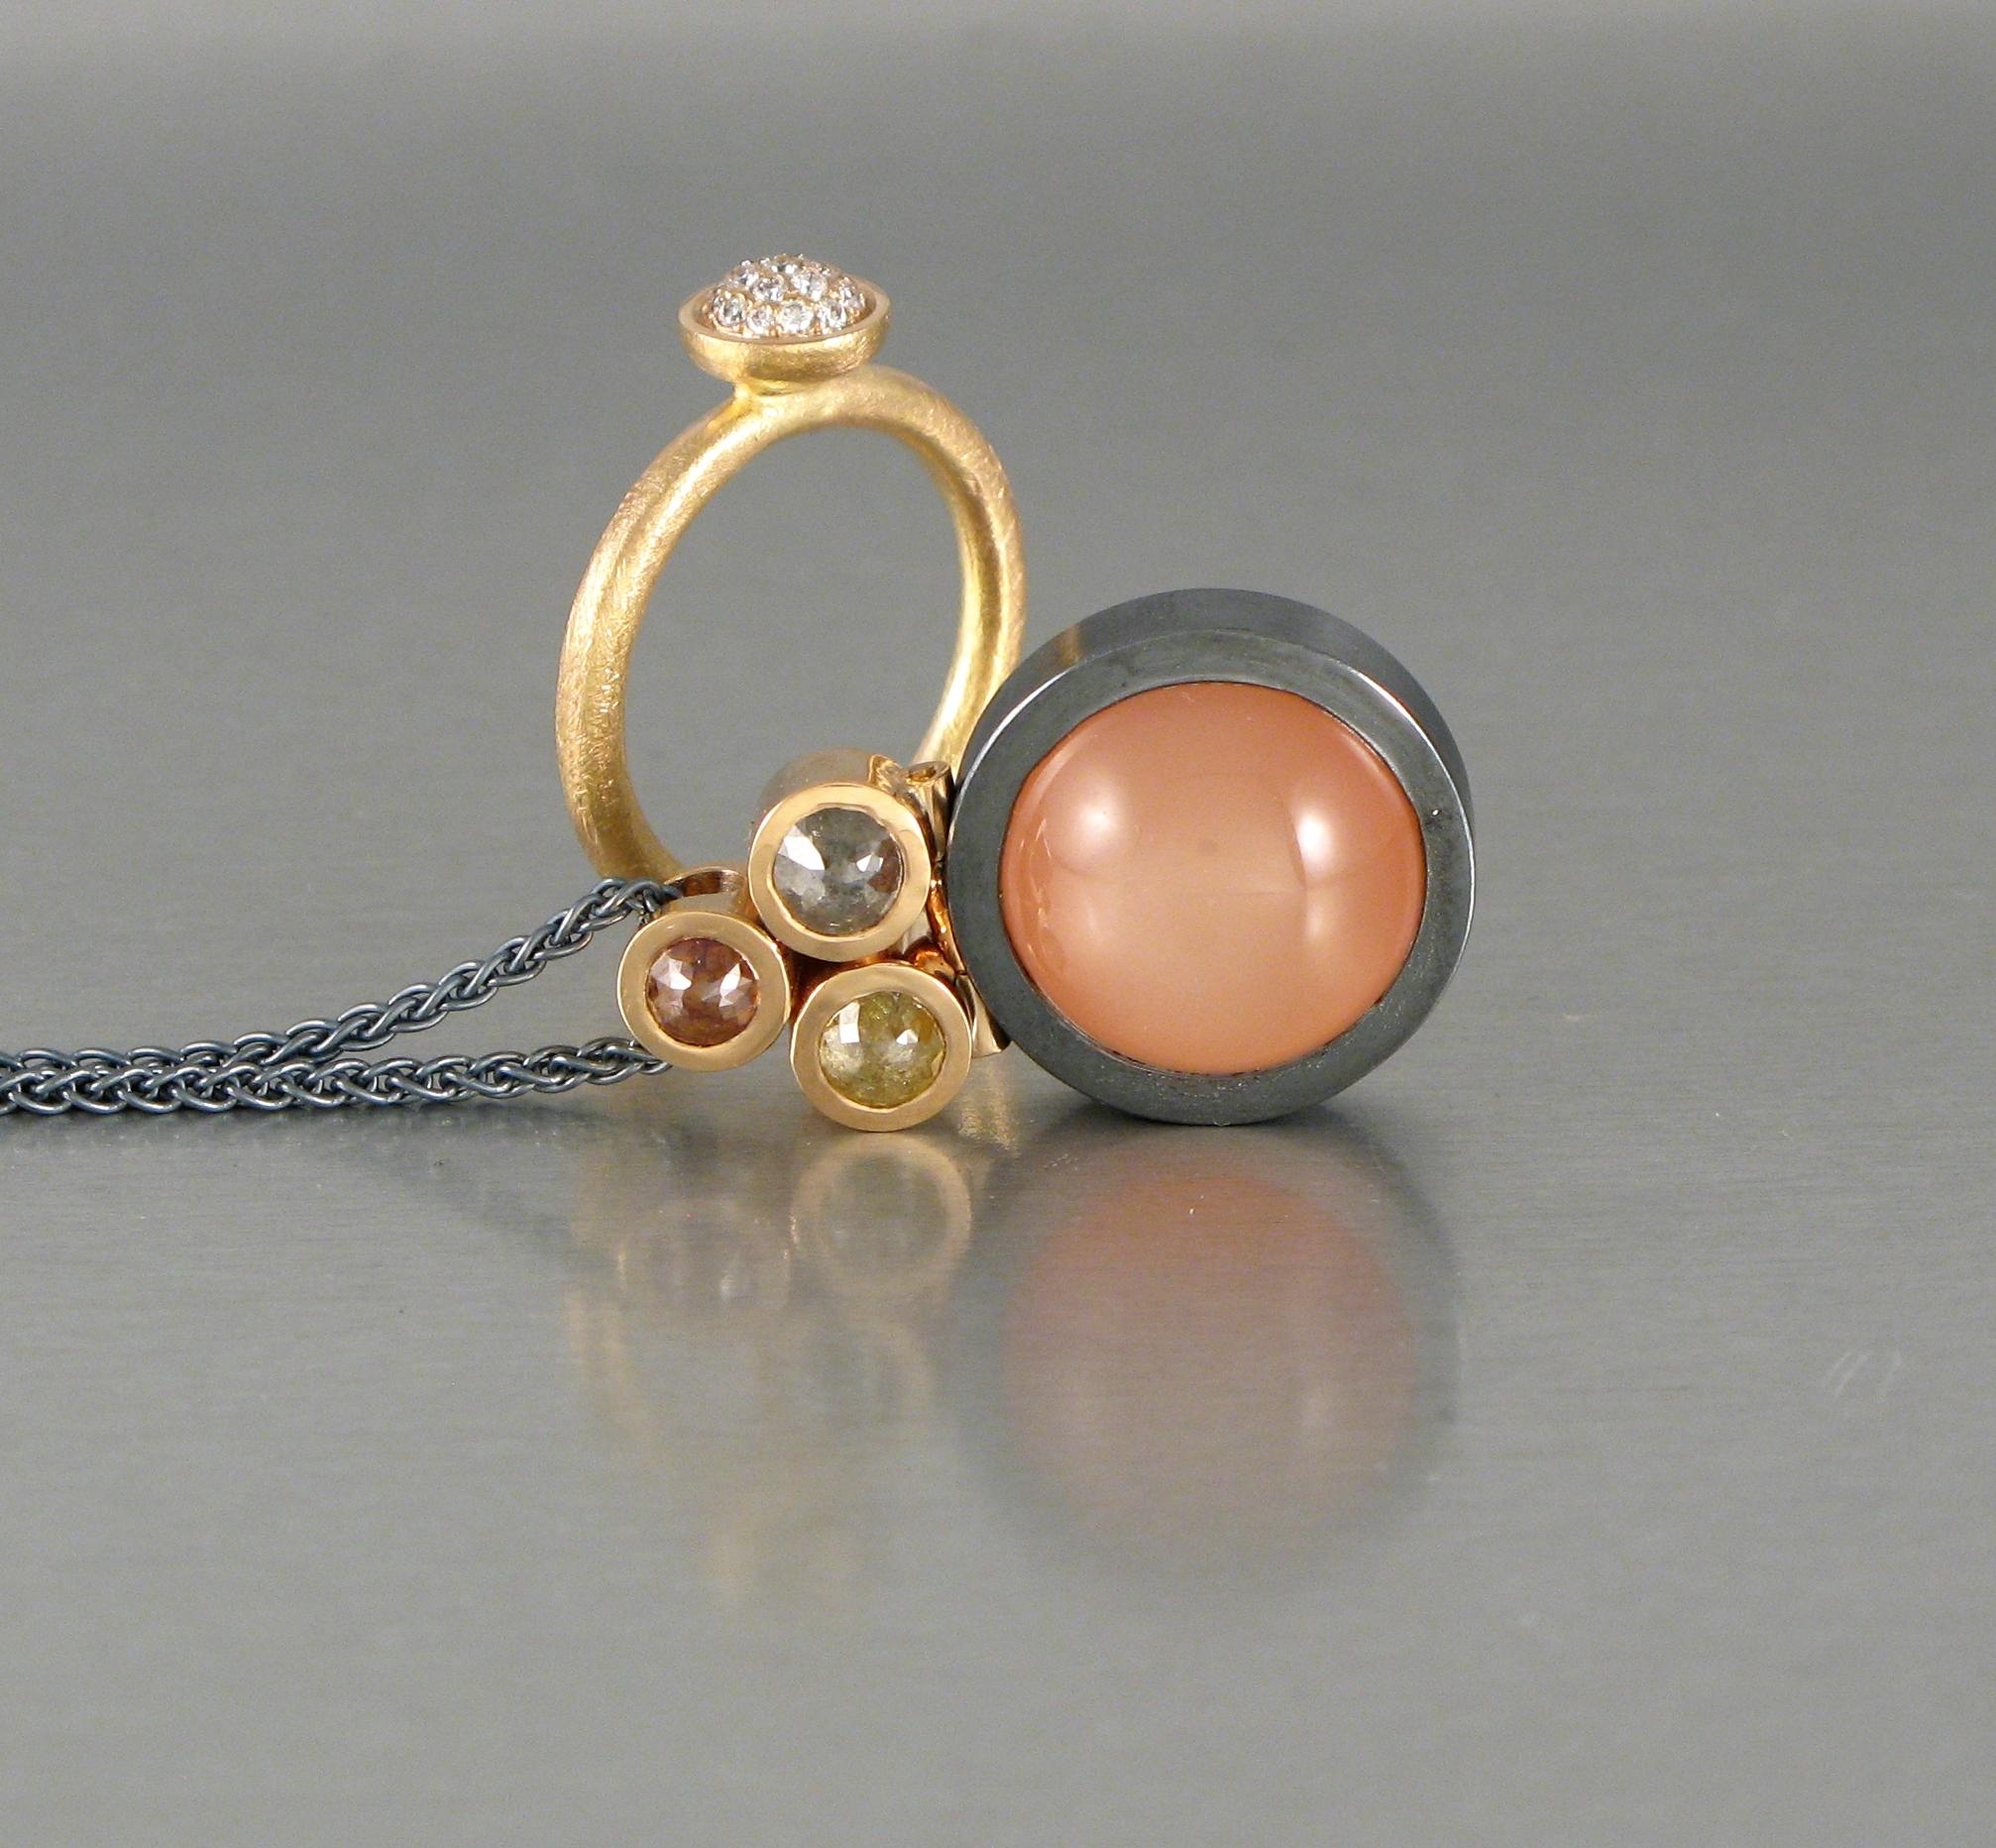 Hänge, oxiderat silver, guld, månsten och diamanter